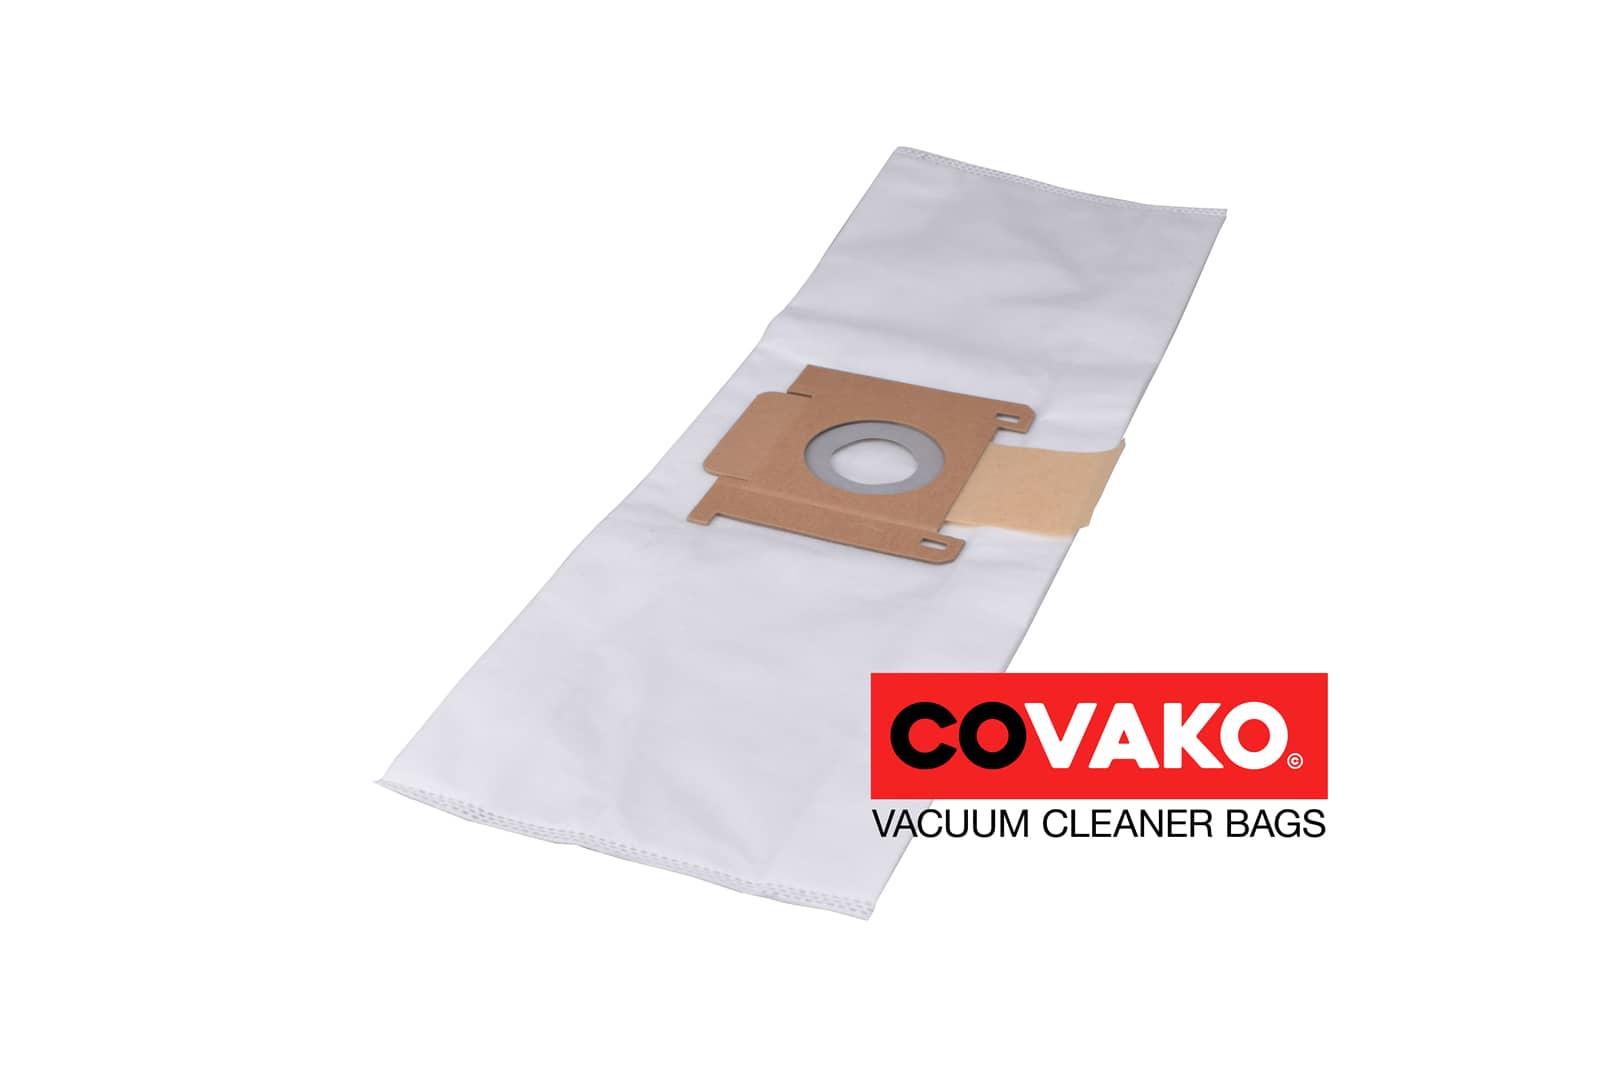 Clean a la Card C 5 / Synthetisch - Clean a la Card Staubsaugerbeutel